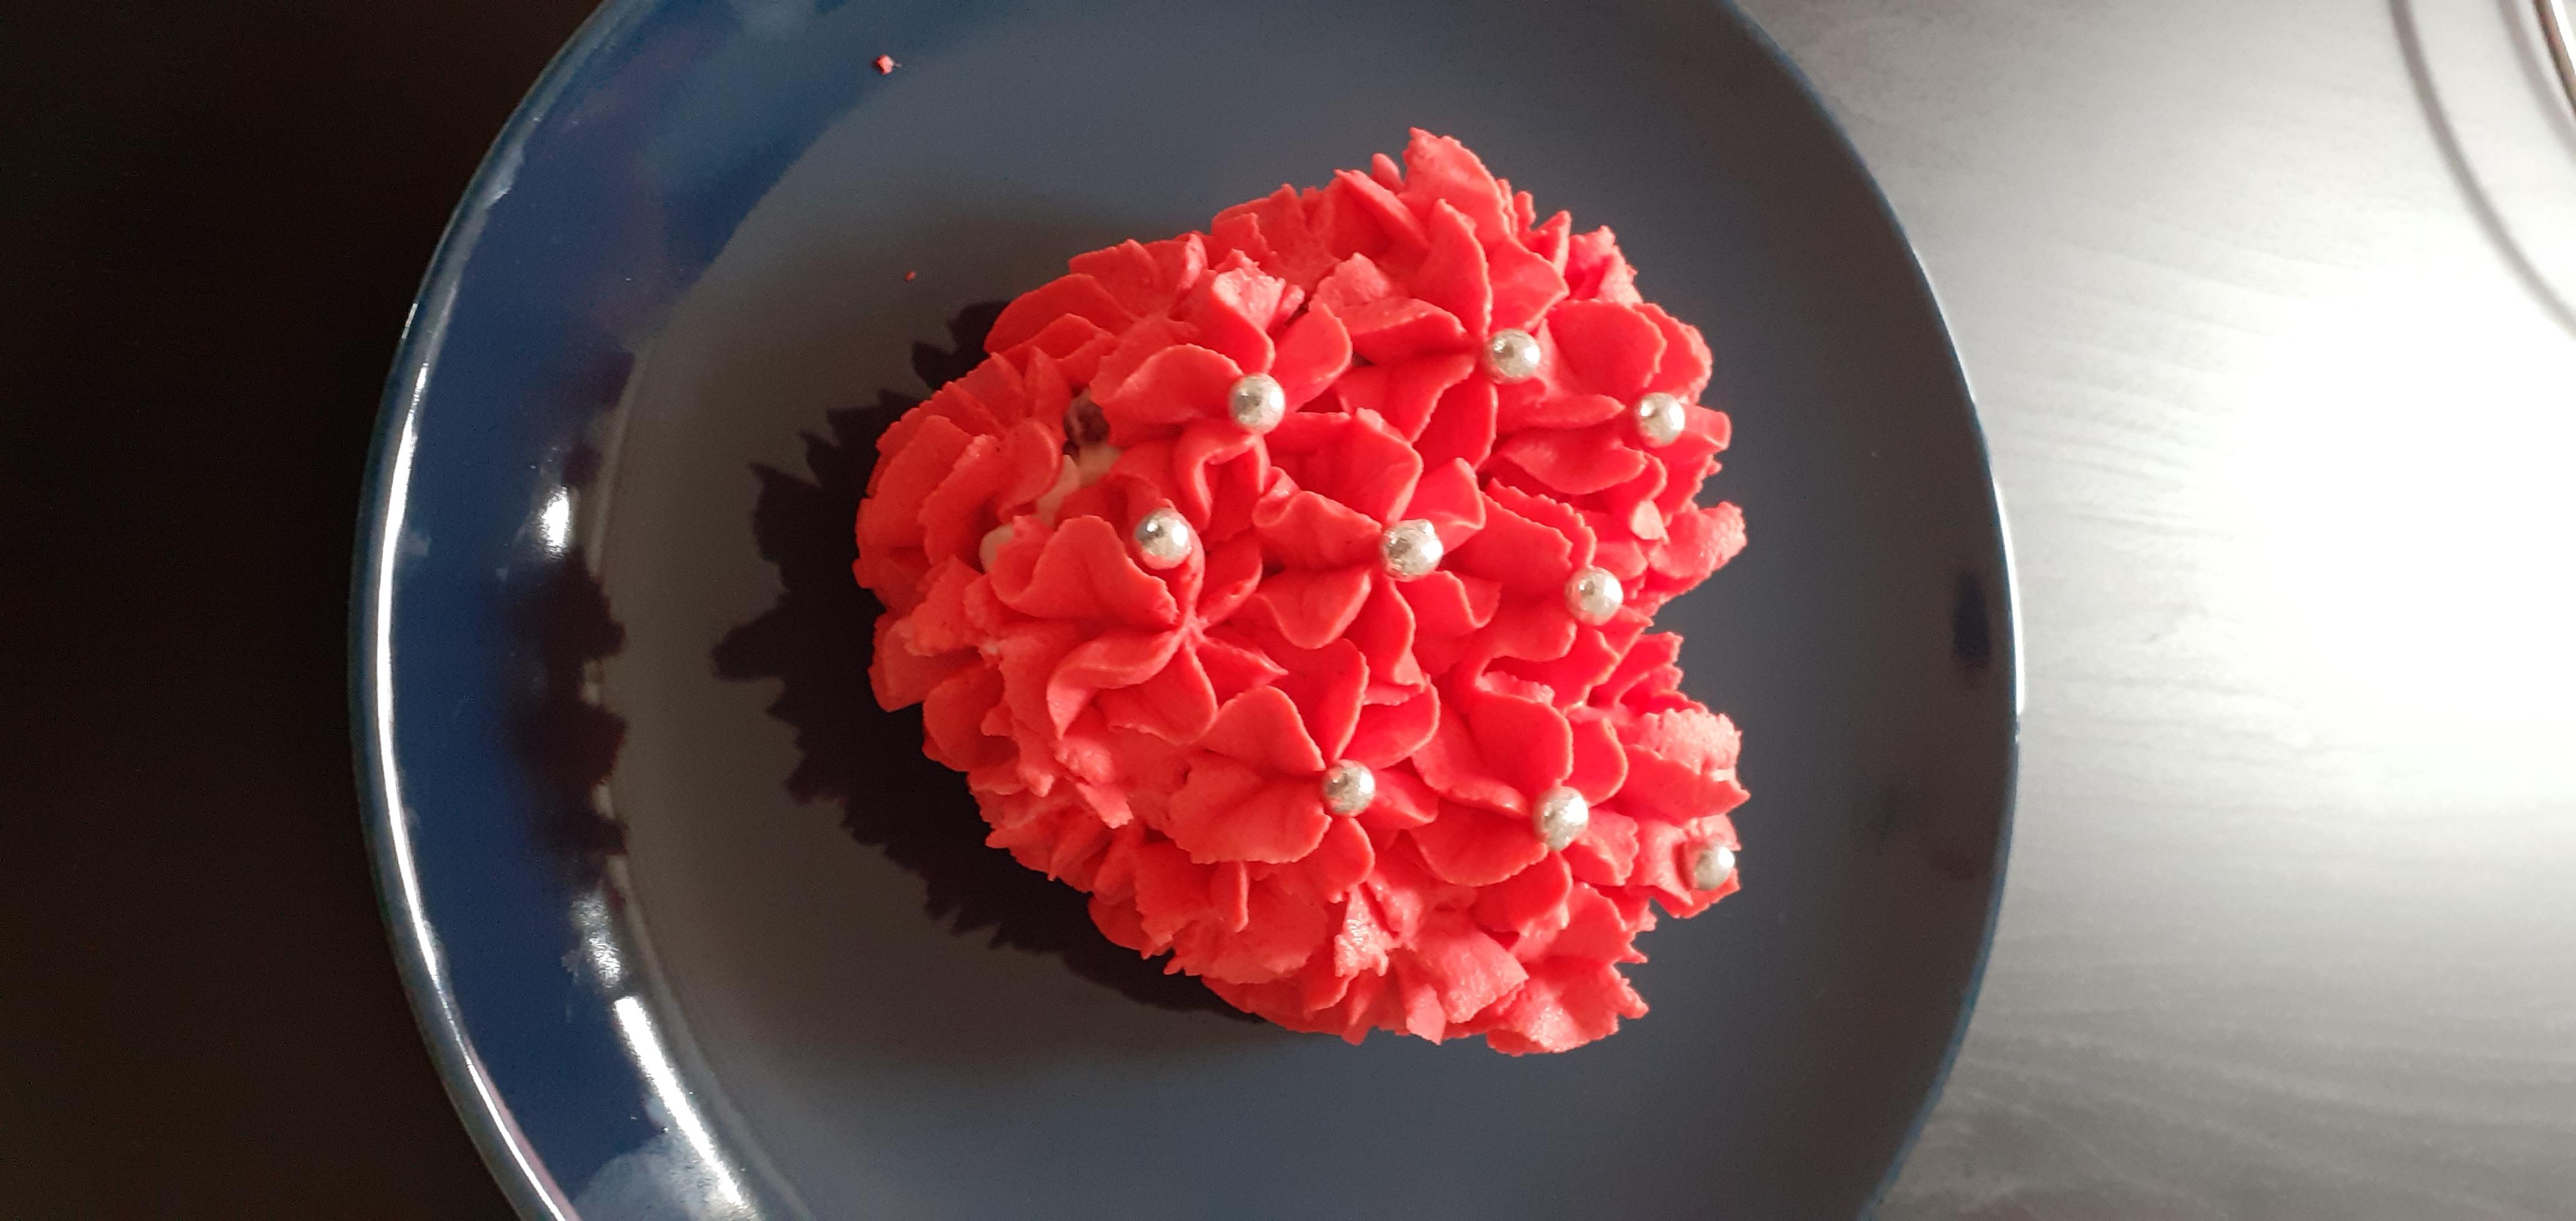 J'ai testé pour vous le colorant alimentaire en gel rouge